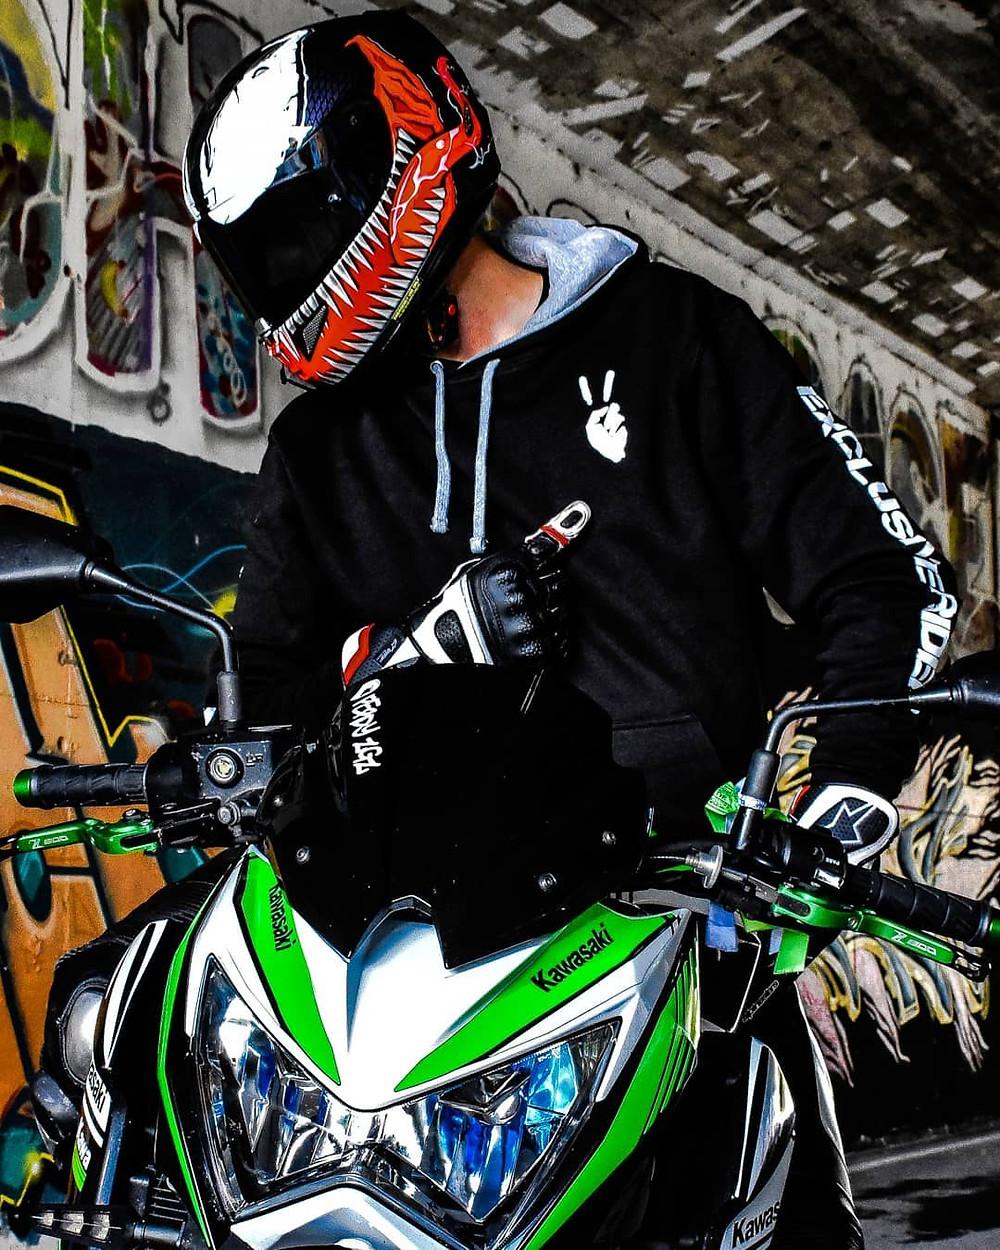 Un Motero saludando como barry sheene Tiene una moto kawasaki z800, lleva un casco hjc rpha11 y lleva una sudadera de Exclusive Rider